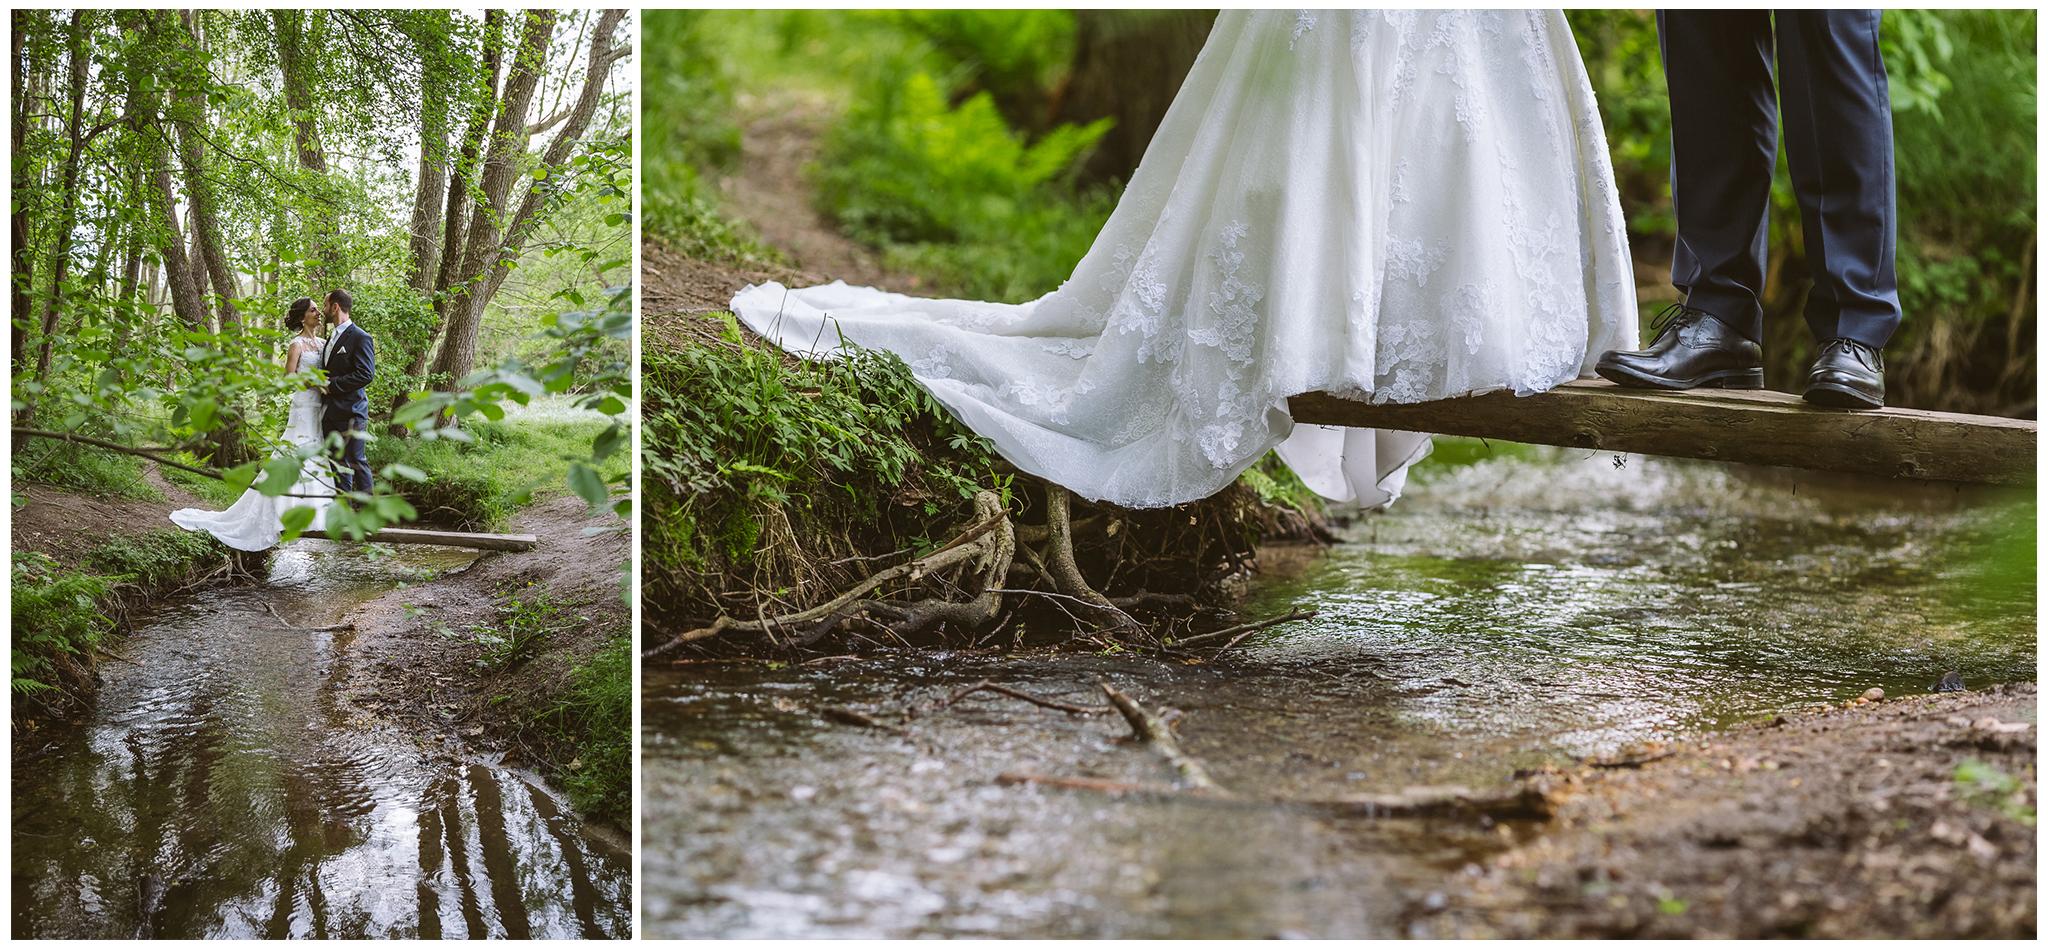 FylepPhoto, esküvőfotós, esküvői fotós Körmend, Szombathely, esküvőfotózás, magyarország, vas megye, prémium, jegyesfotózás, Fülöp Péter, körmend, kreatív, fotográfus_006.jpg